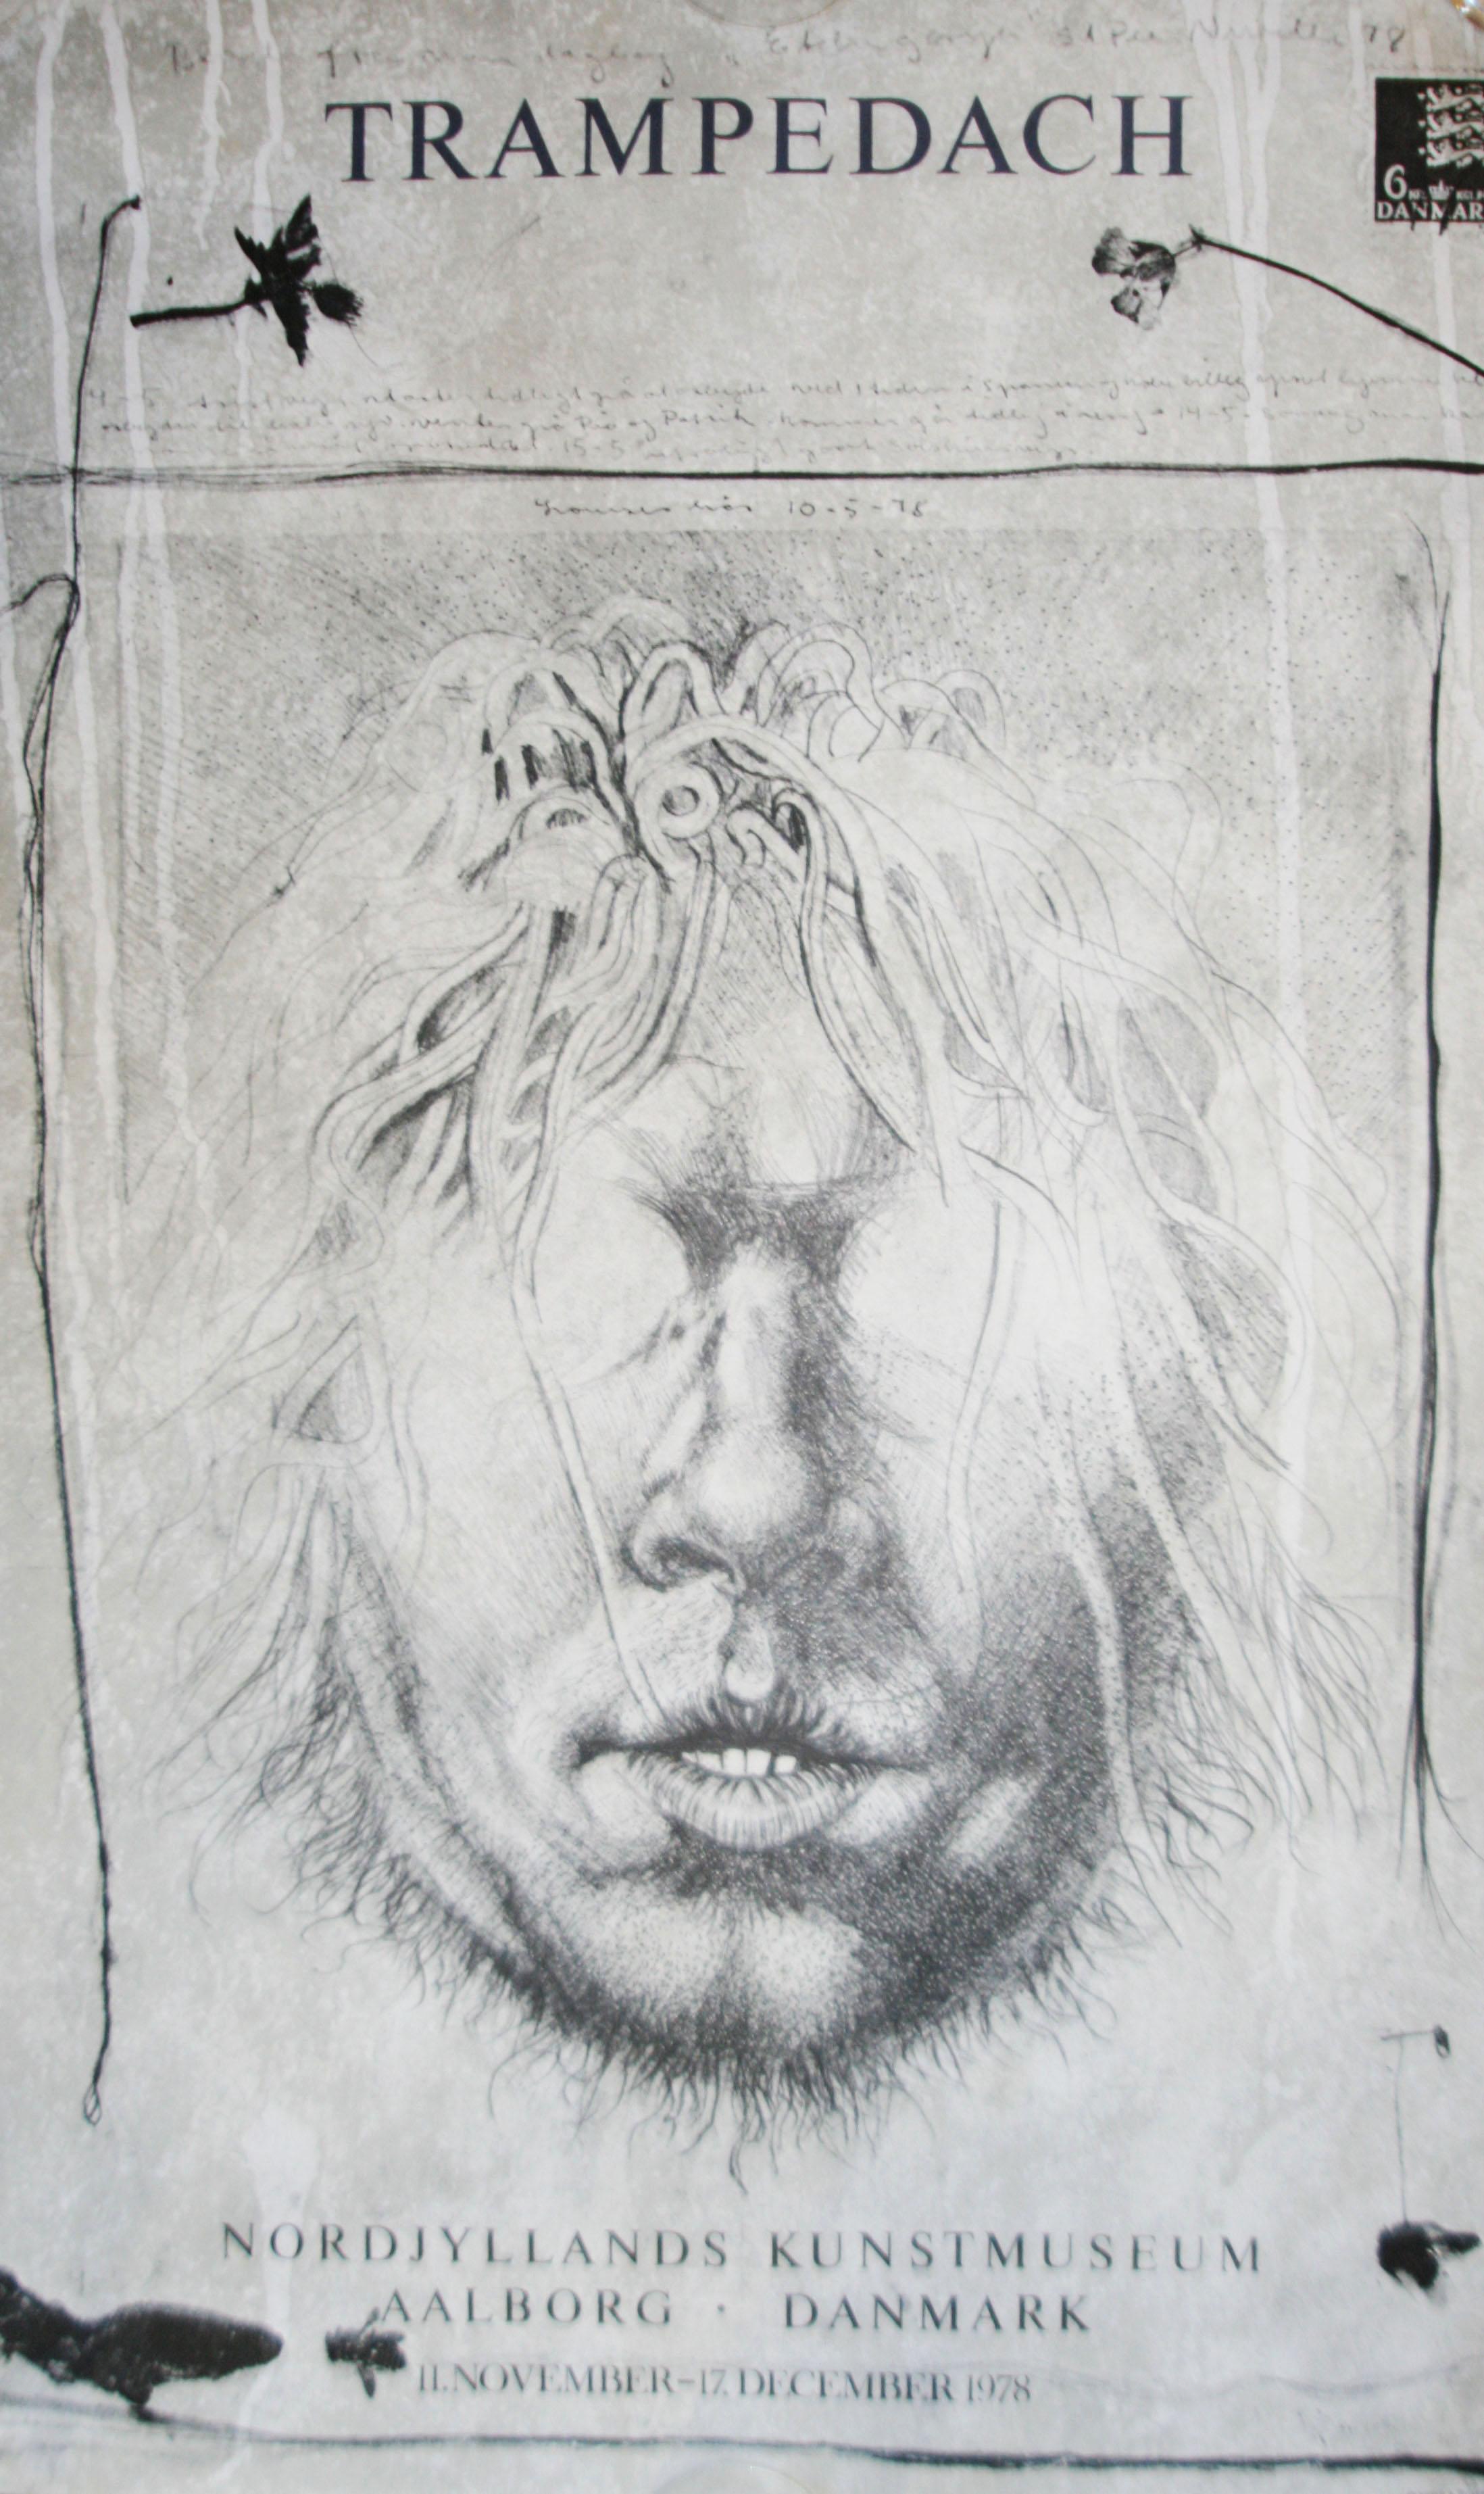 kurt trampedach original udstillingsplakat 1978